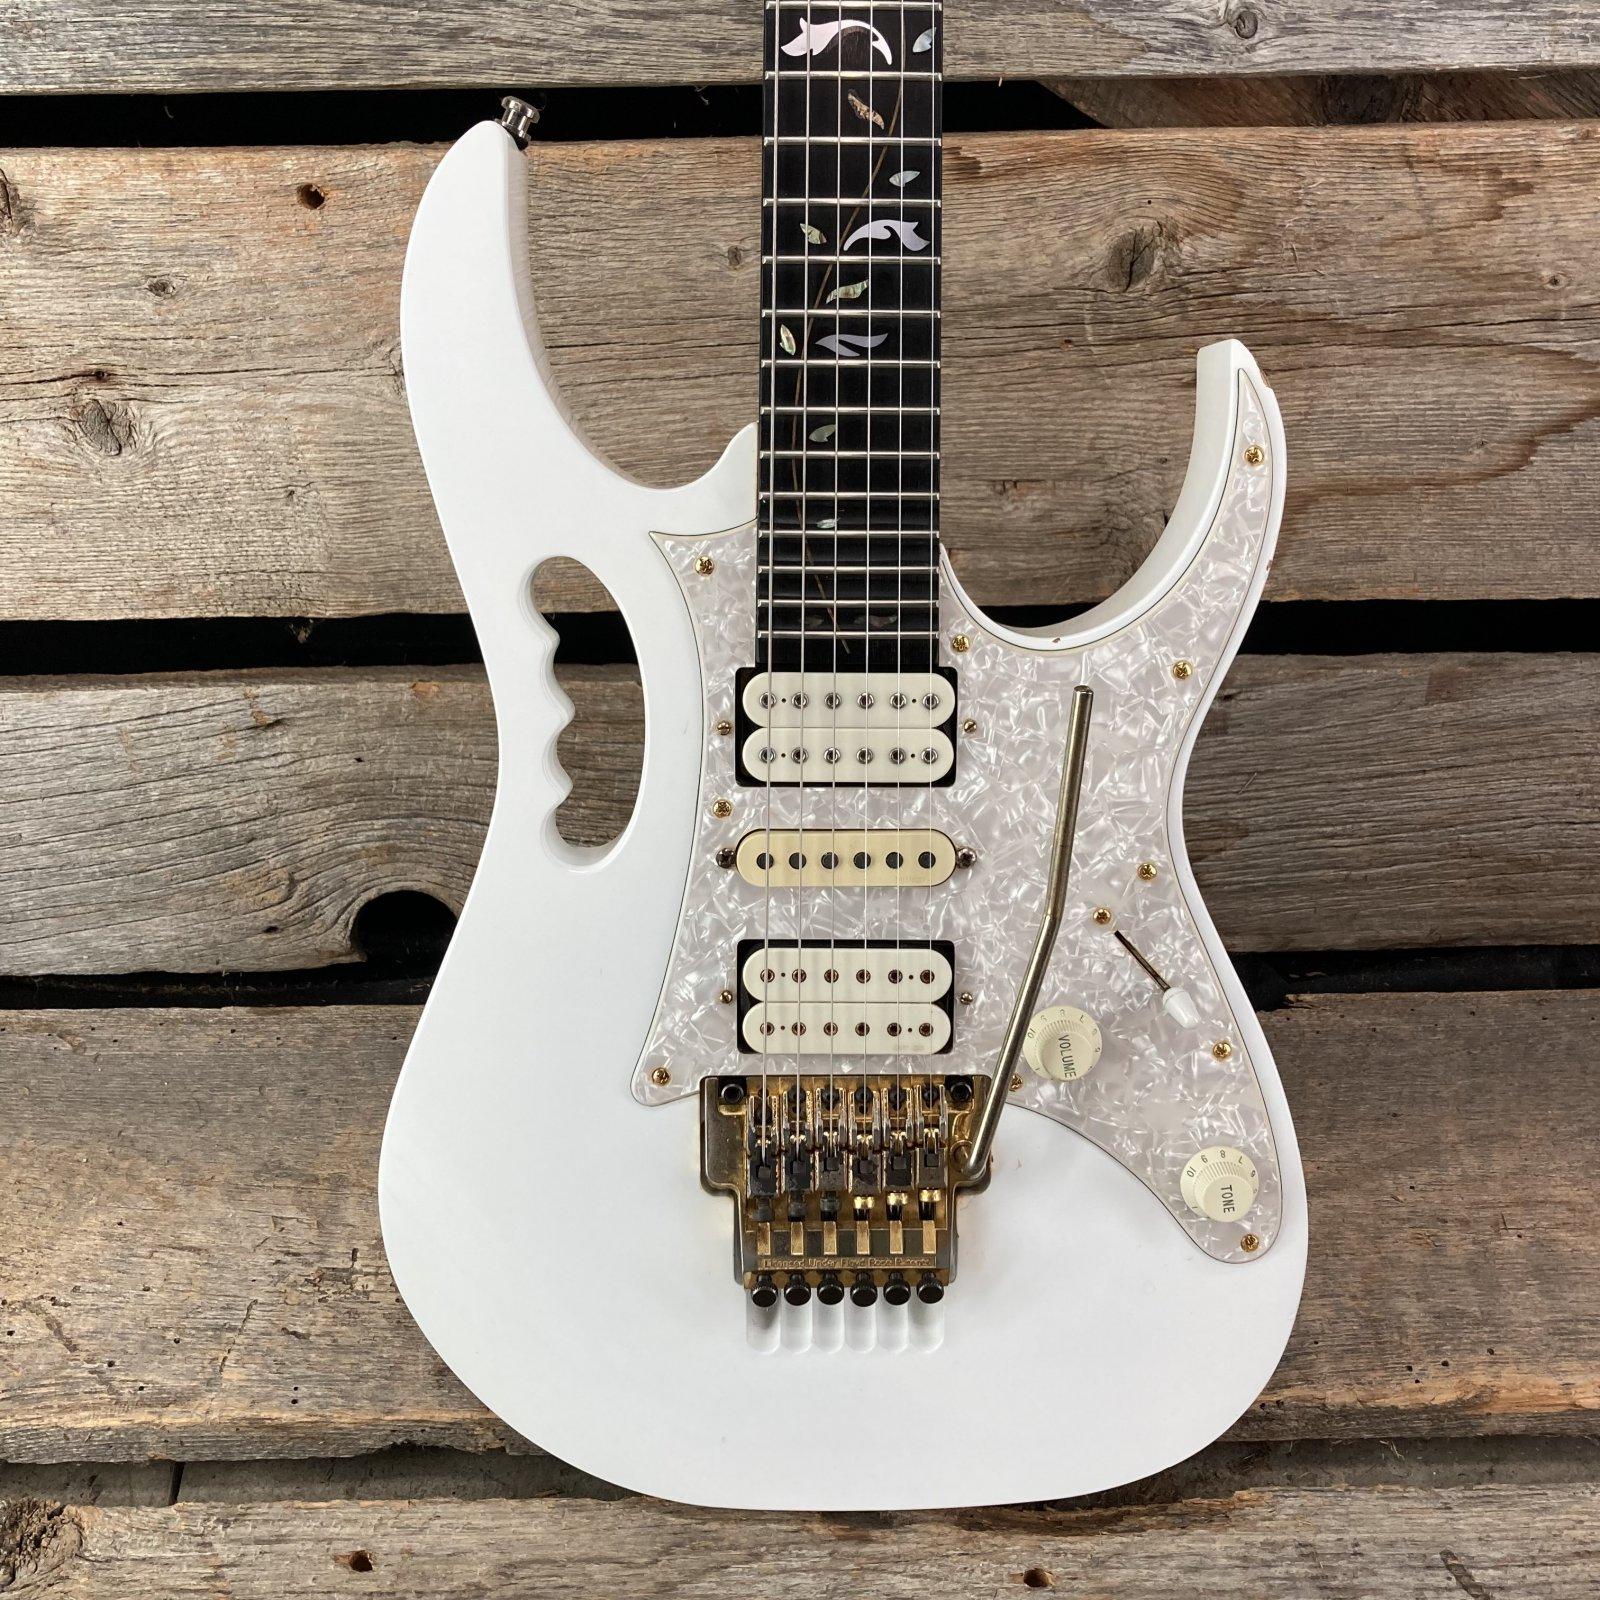 1999 Ibanez JEM7V-WH Electric Guitar